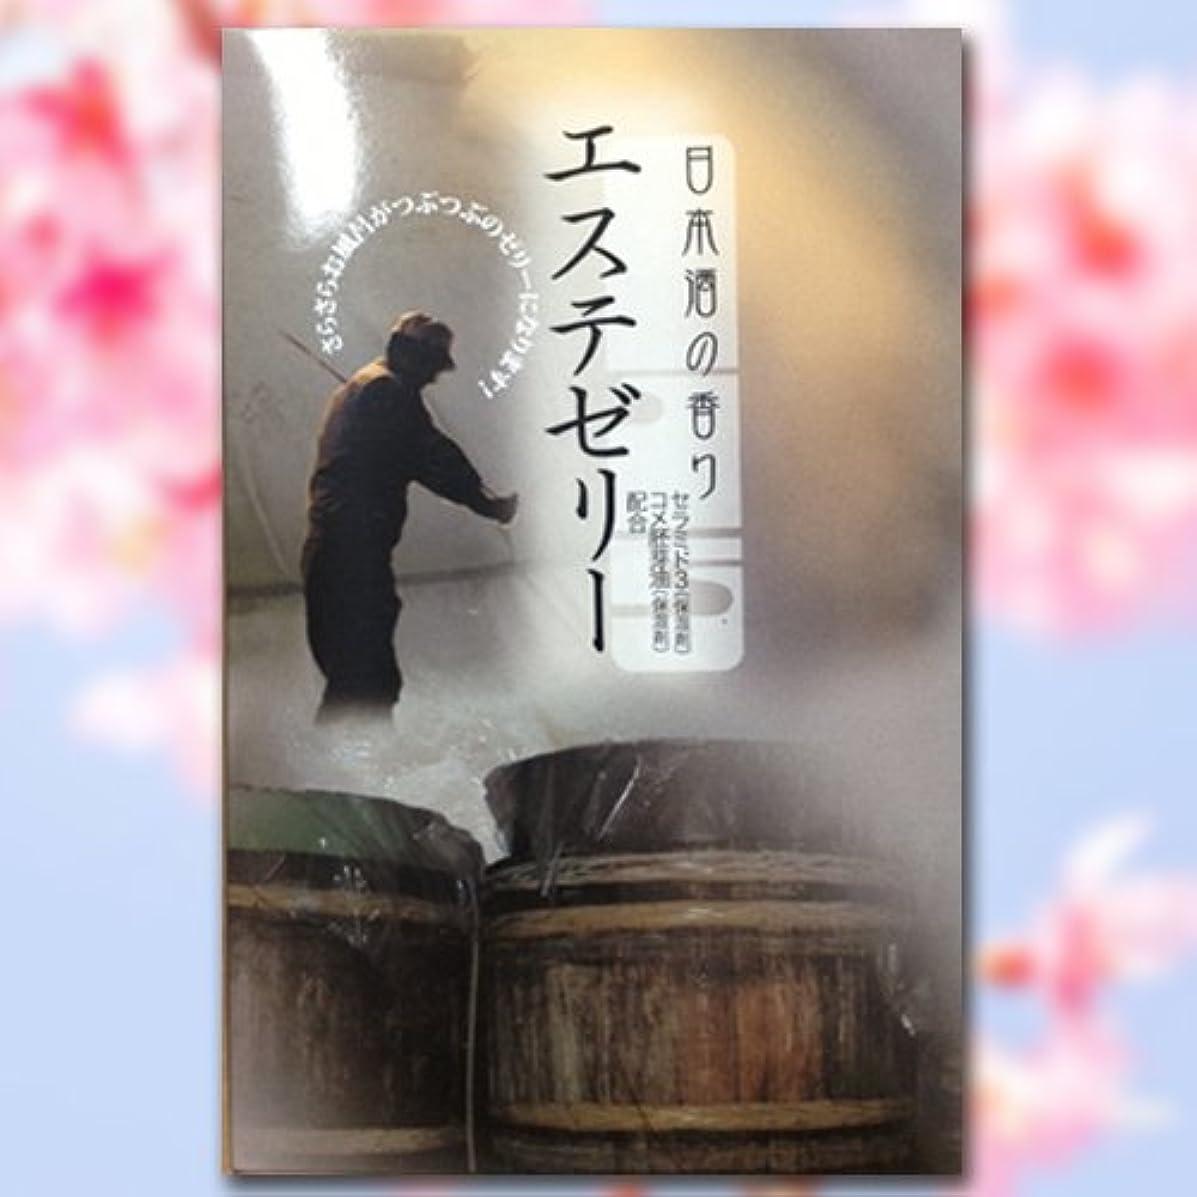 きょうだい然とした憤る【2個セット】Esthe Jelly エステゼリー 日本酒の香り (入浴剤)